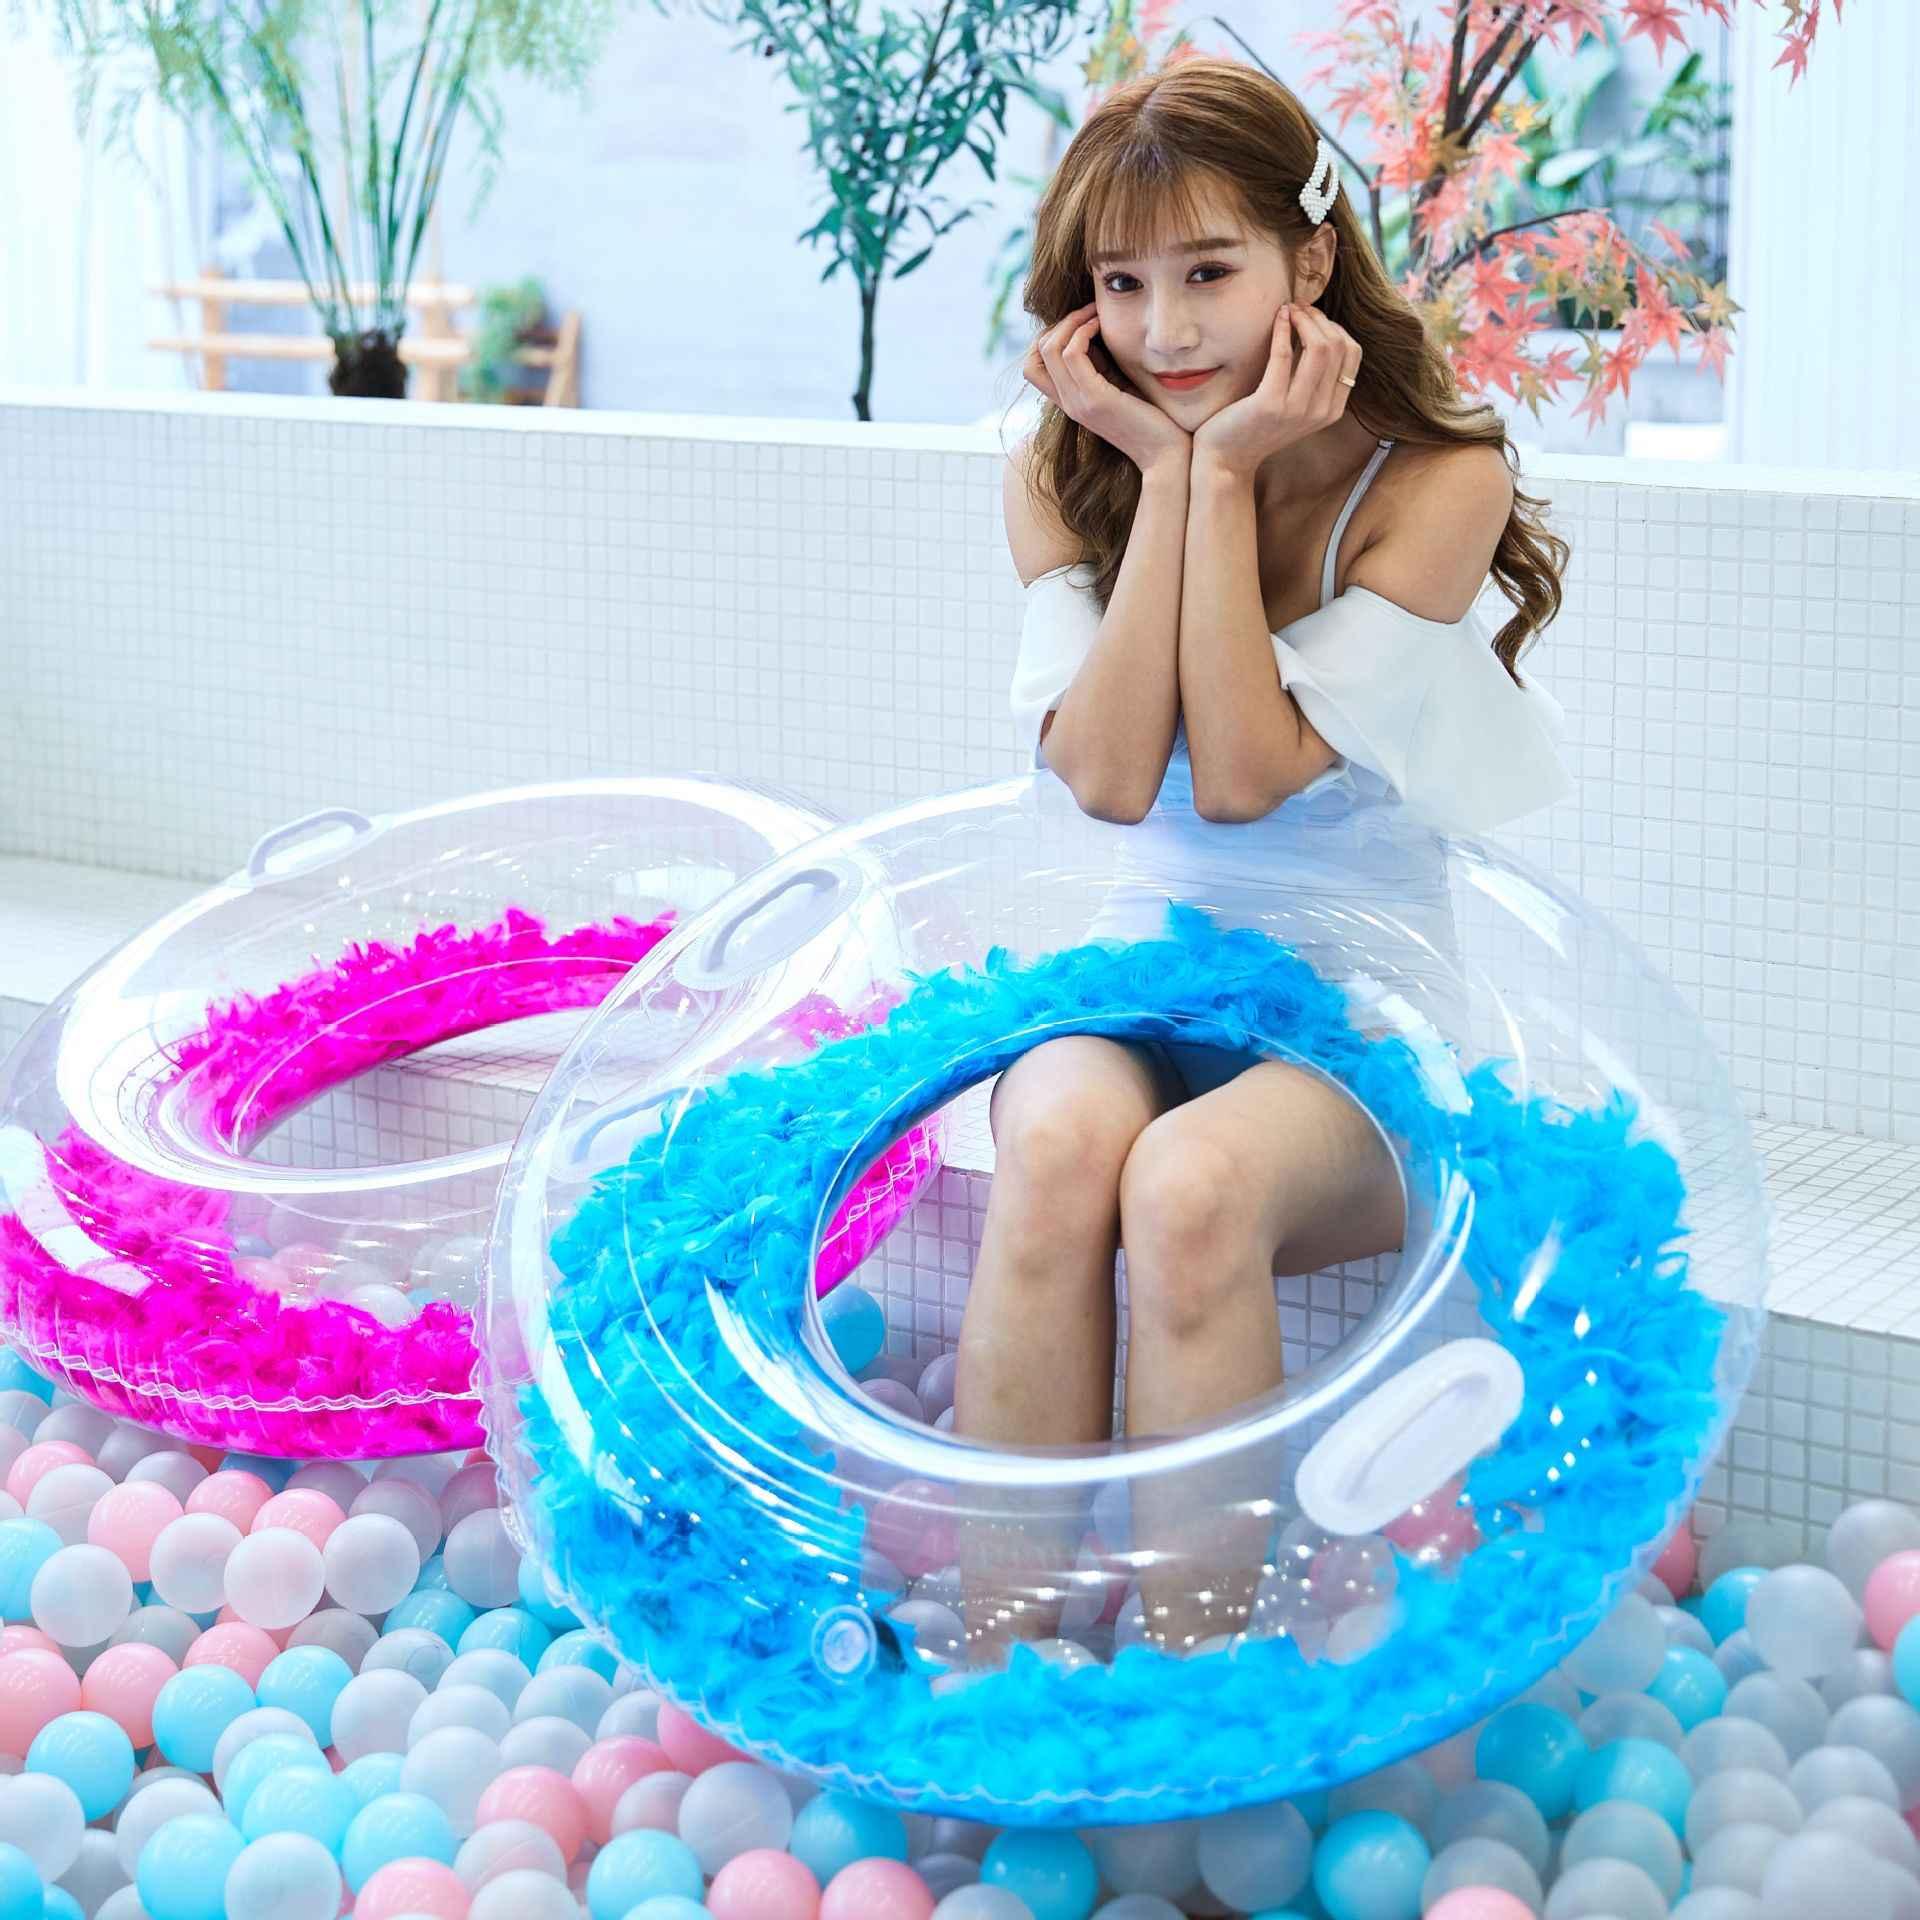 90cm Kalp Yuvarlak Pullu yüzme simidi kadın Şişme Daire yüzme Yetişkin Havuzu Şamandıra parti oyuncakları Plaj yüzme simidi Oyun Aracı